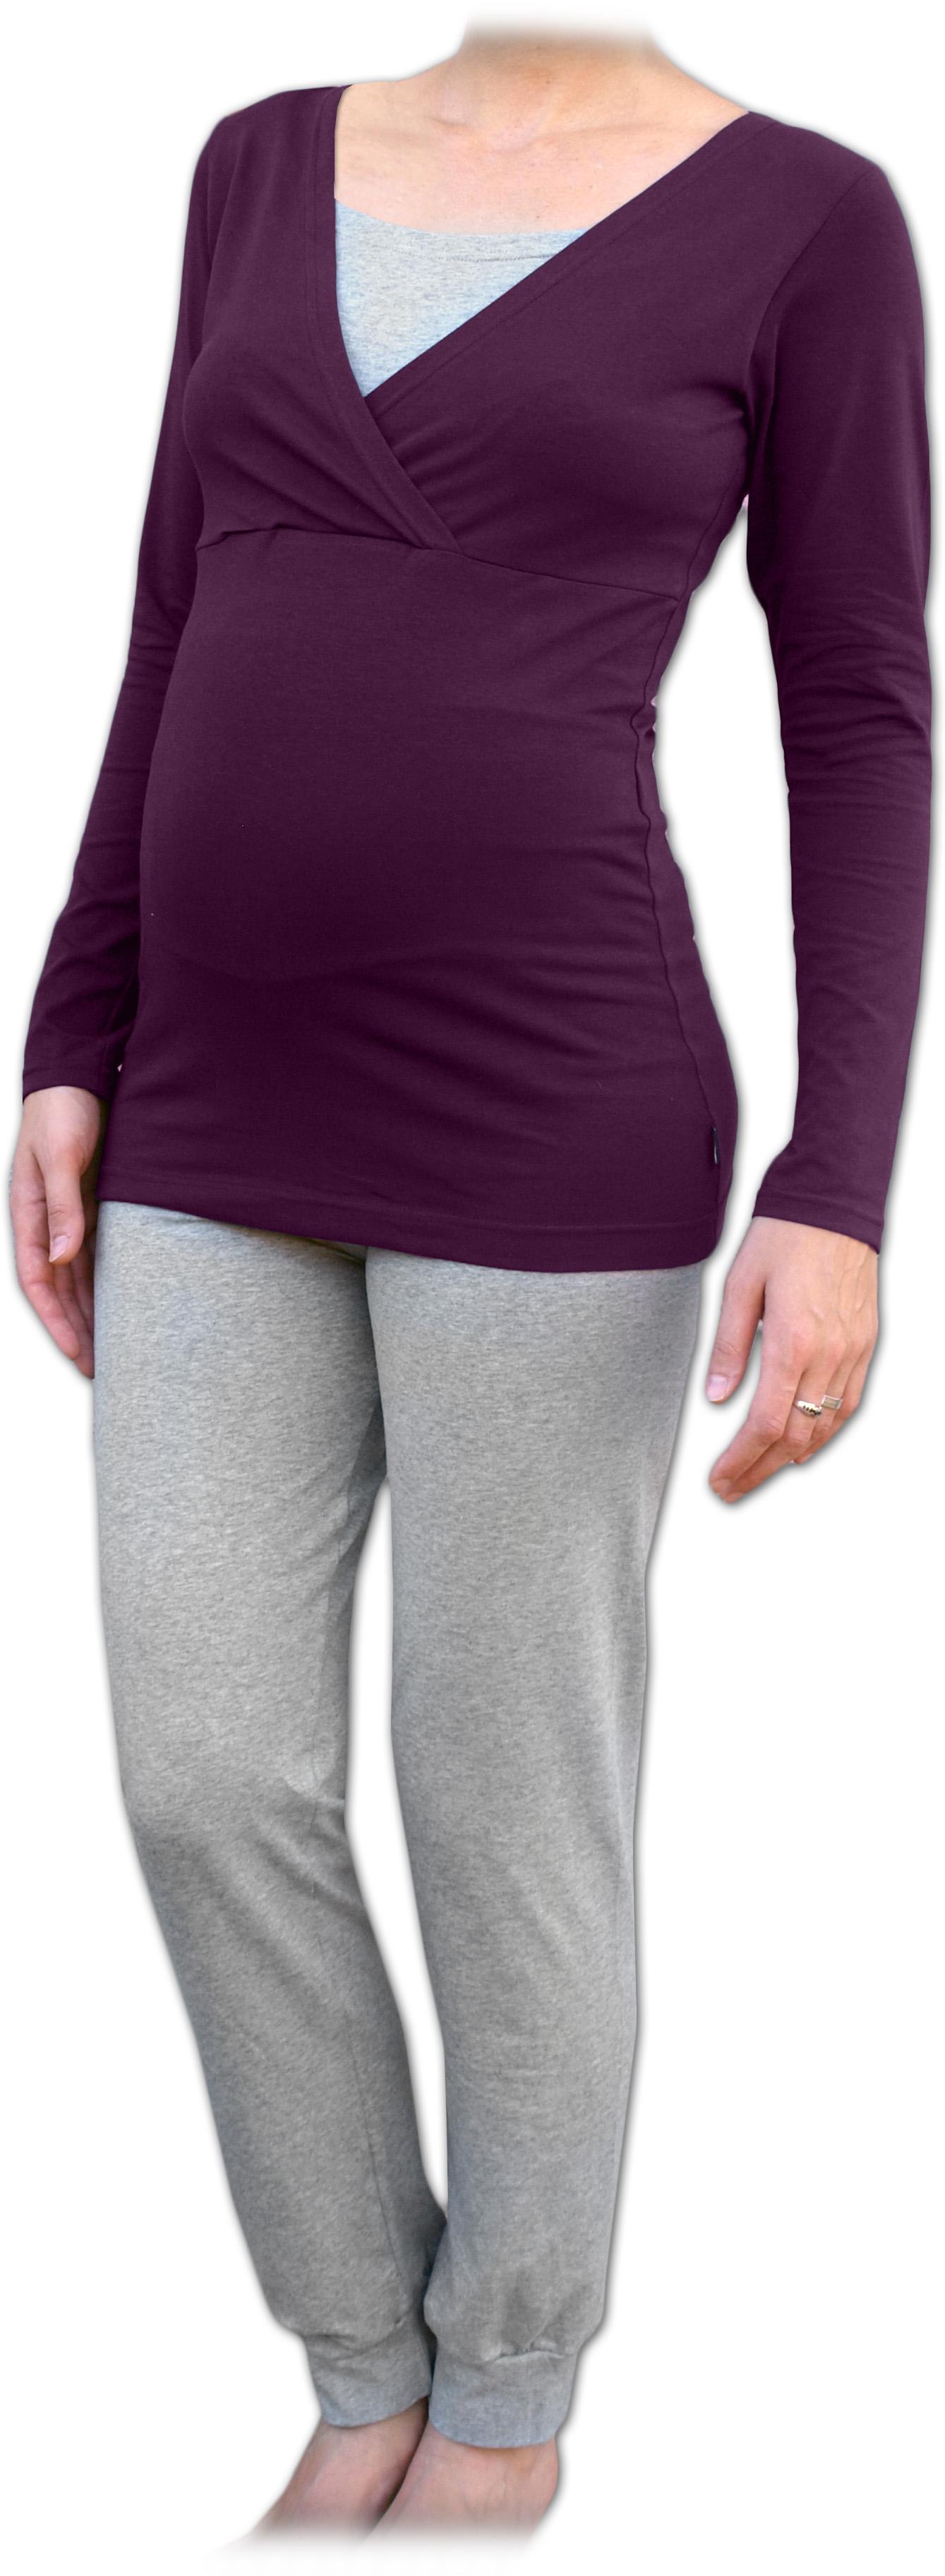 Těhotenské a kojicí pyžamo, dlouhé, švestkově fialové+šedý melír s/m